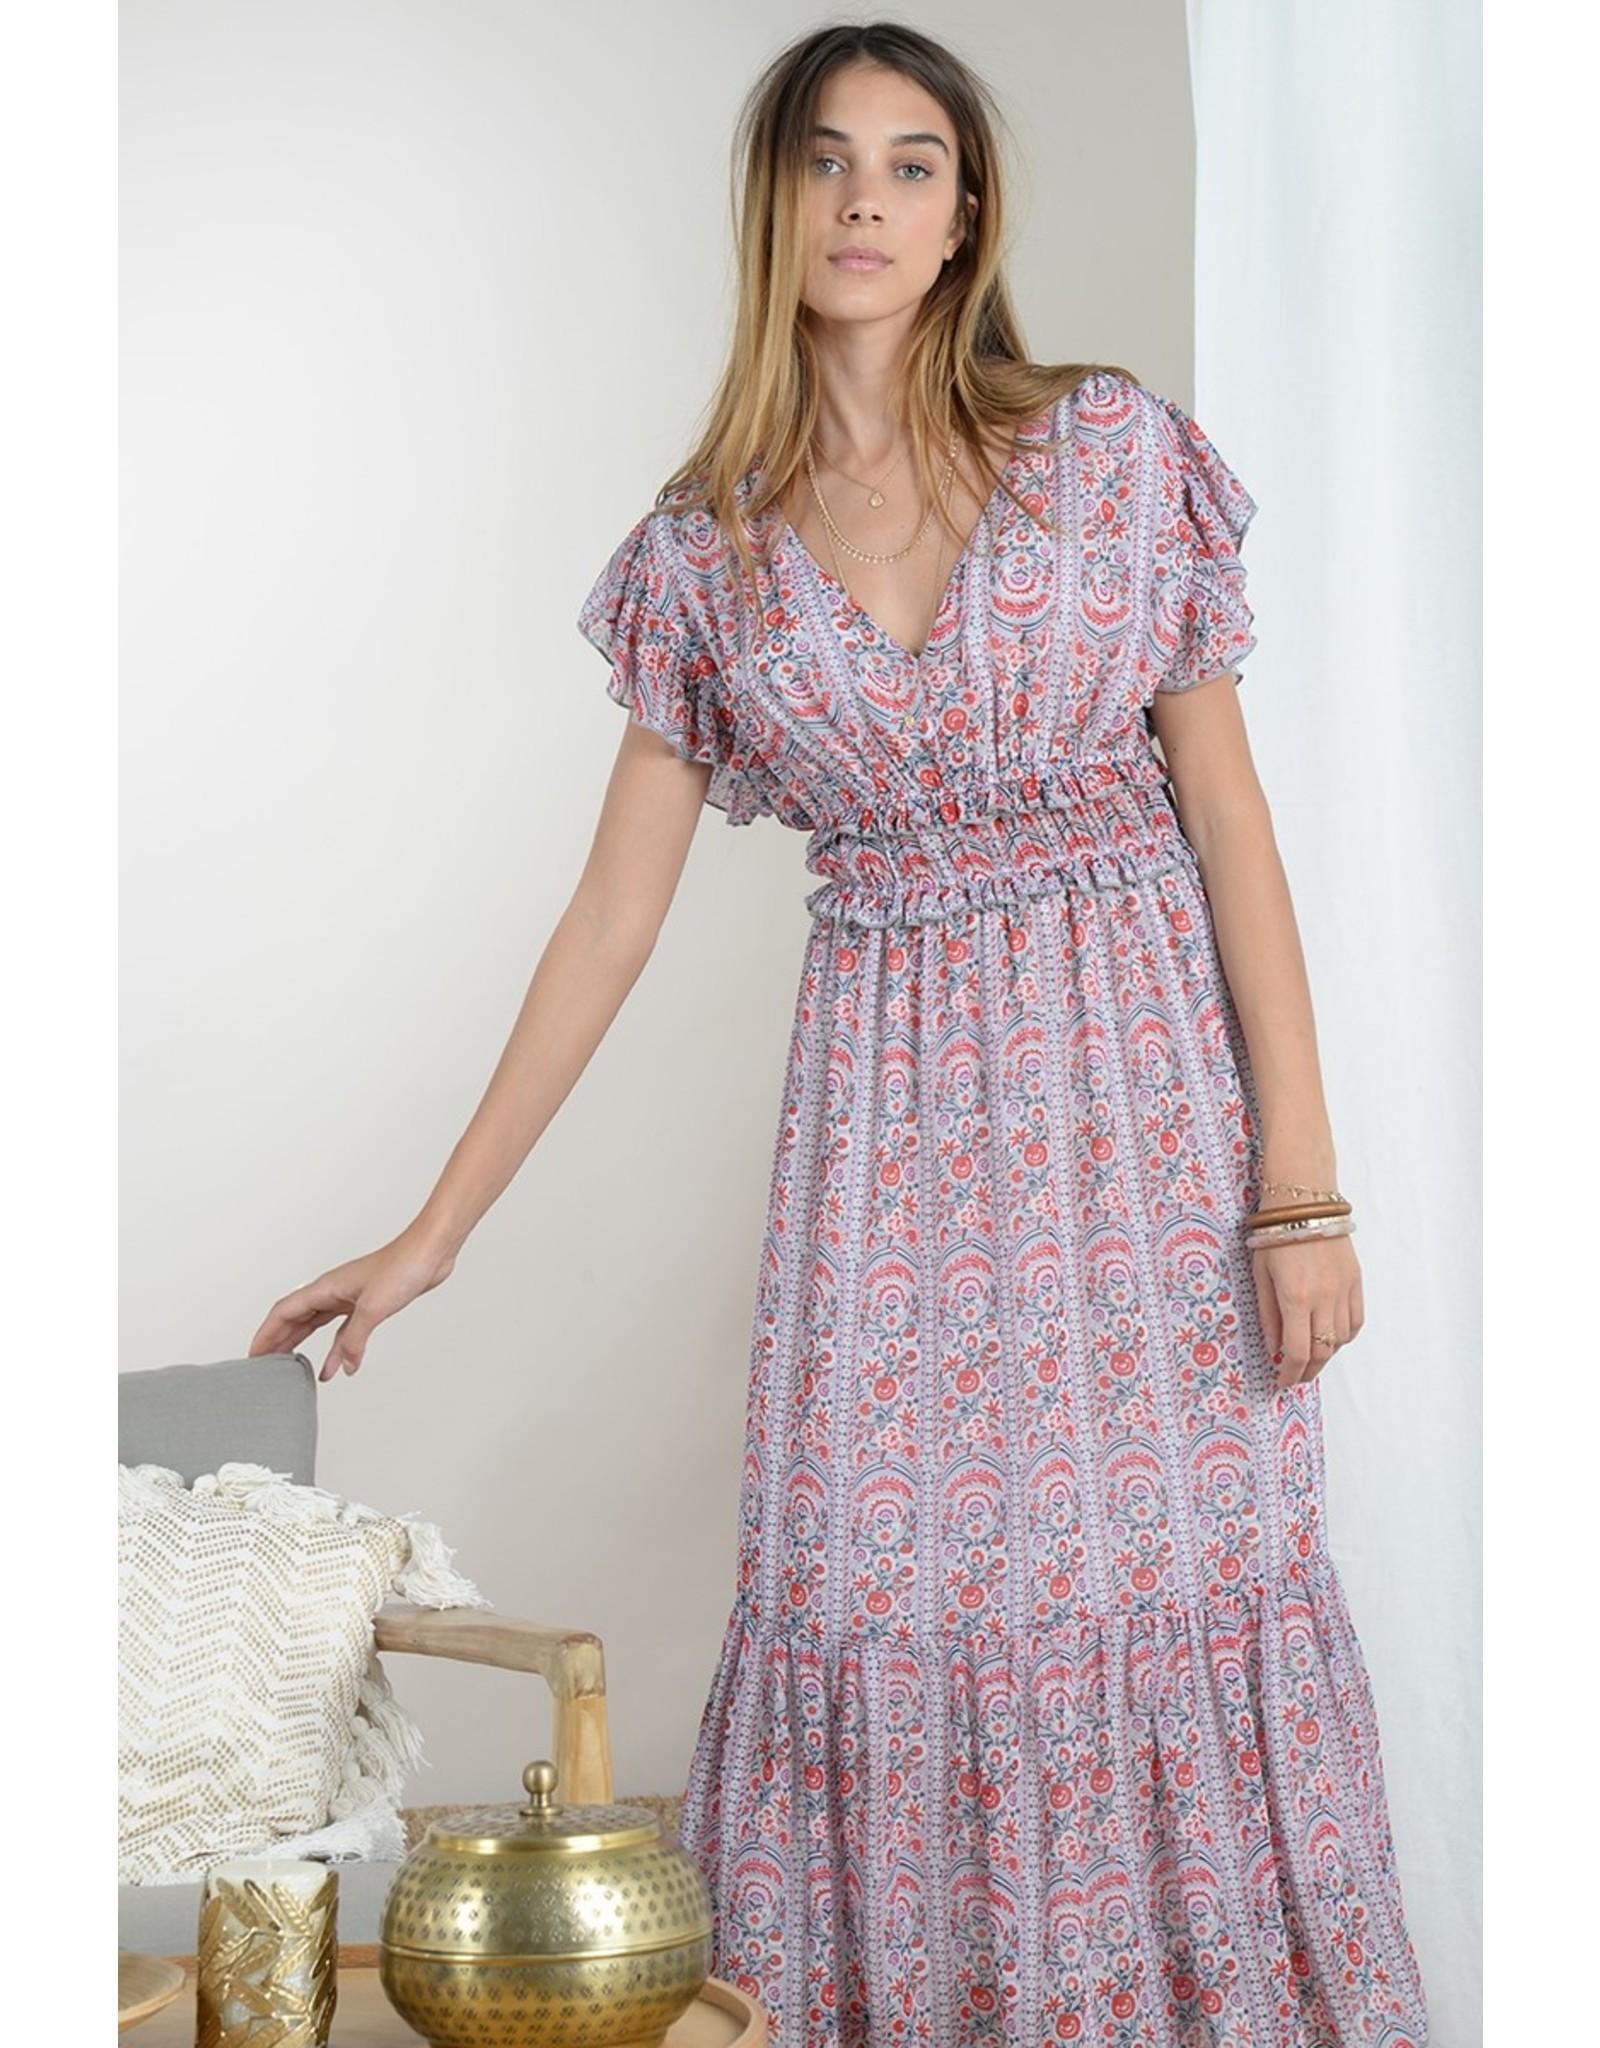 MOLLY BRACKEN RAISIE DRESS